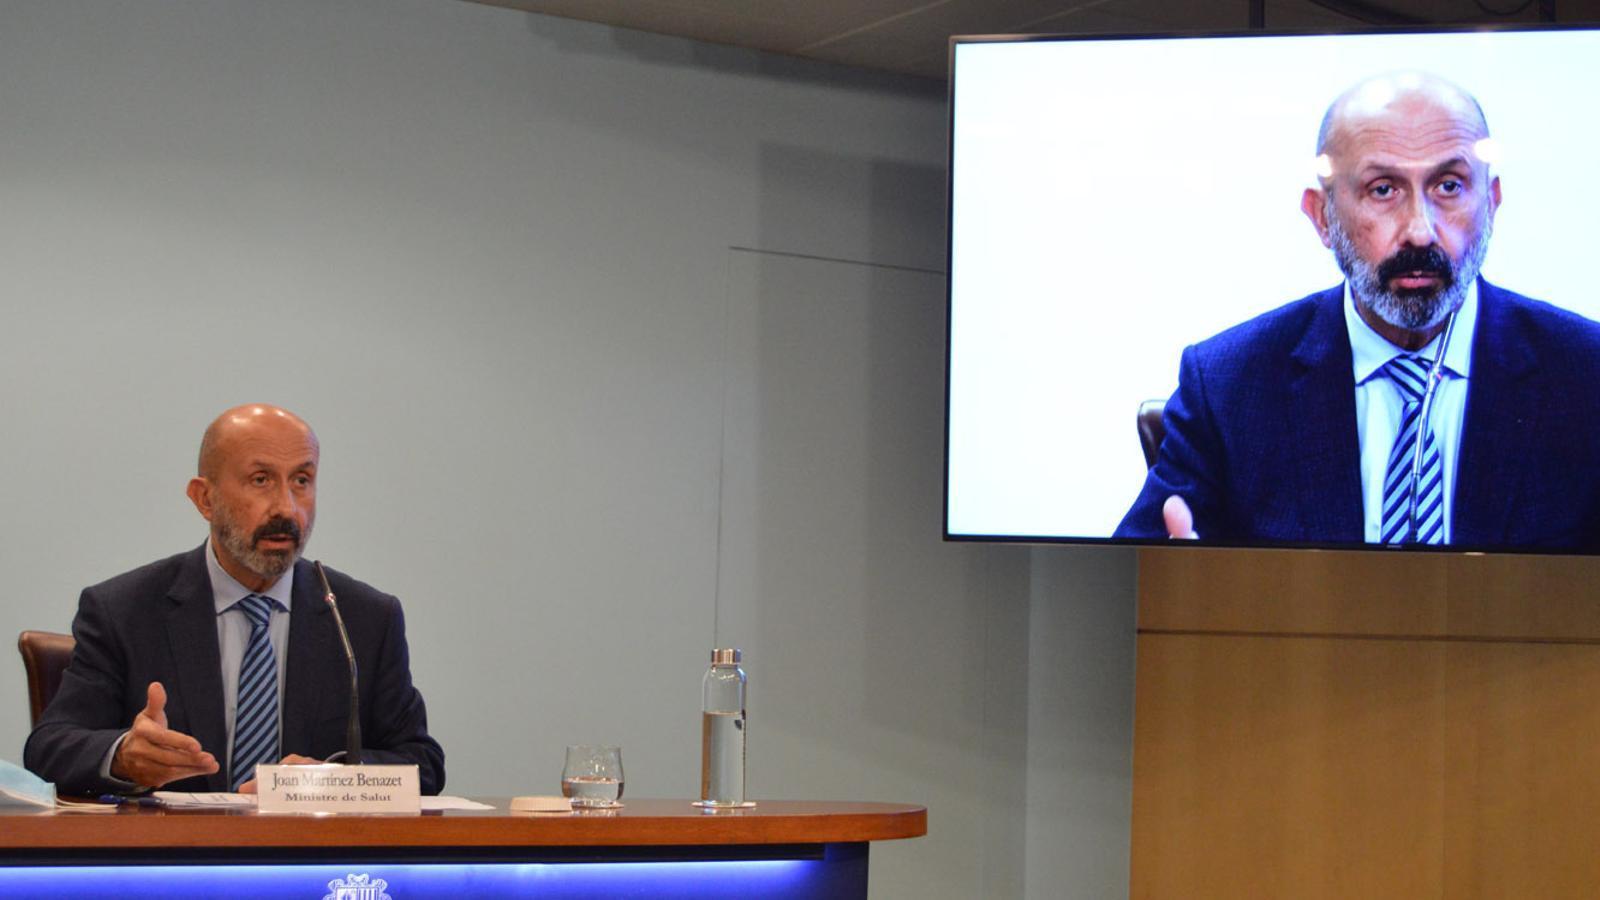 El ministre de Salut, Joan Martínez Benazet, durant la roda de premsa. / M.F. (ANA)